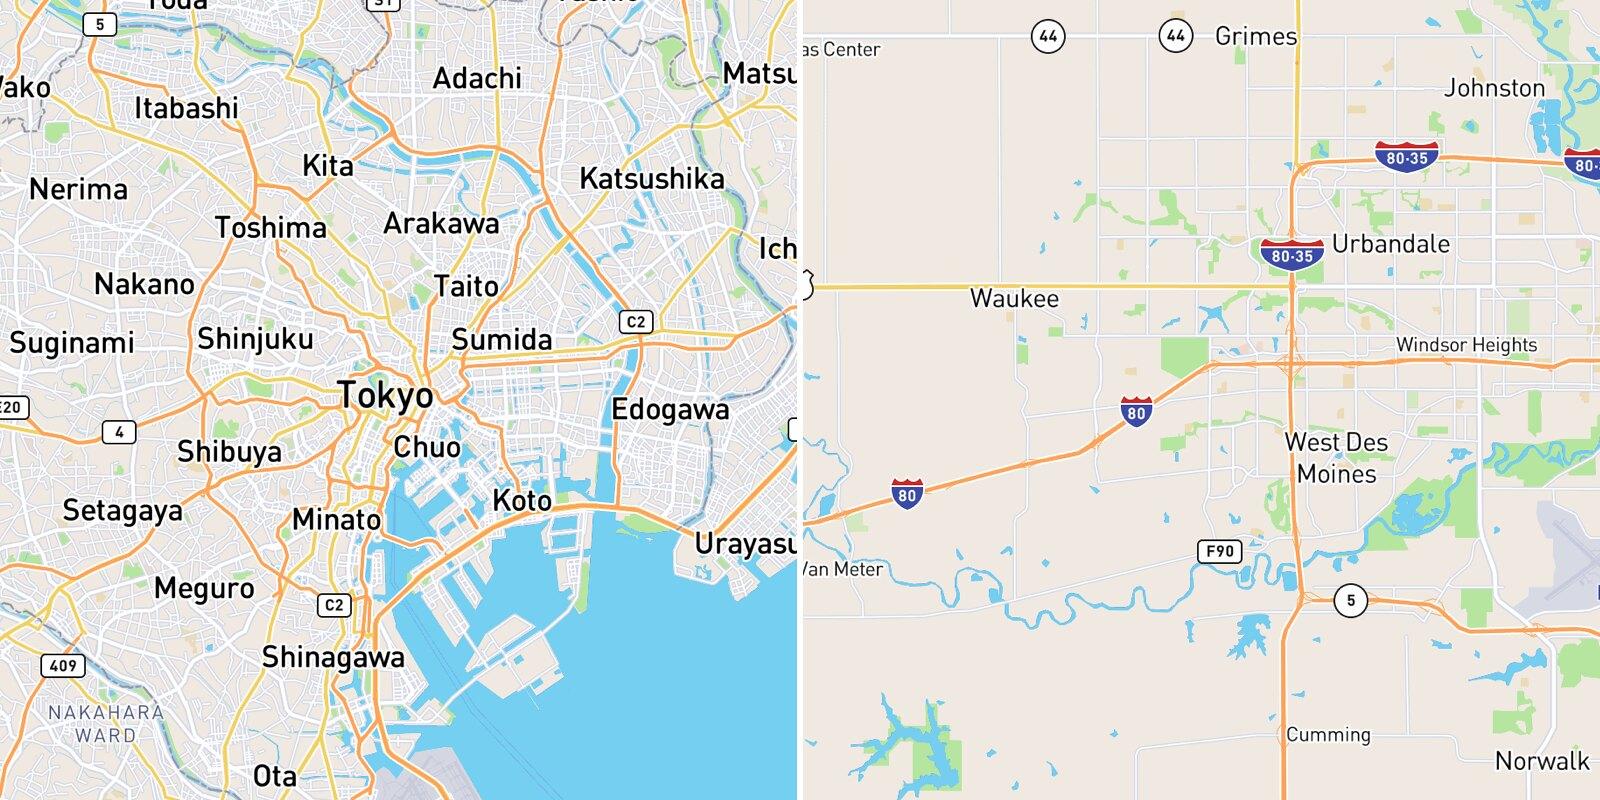 Tokyo, Japan vs. West Des Moines, Iowa